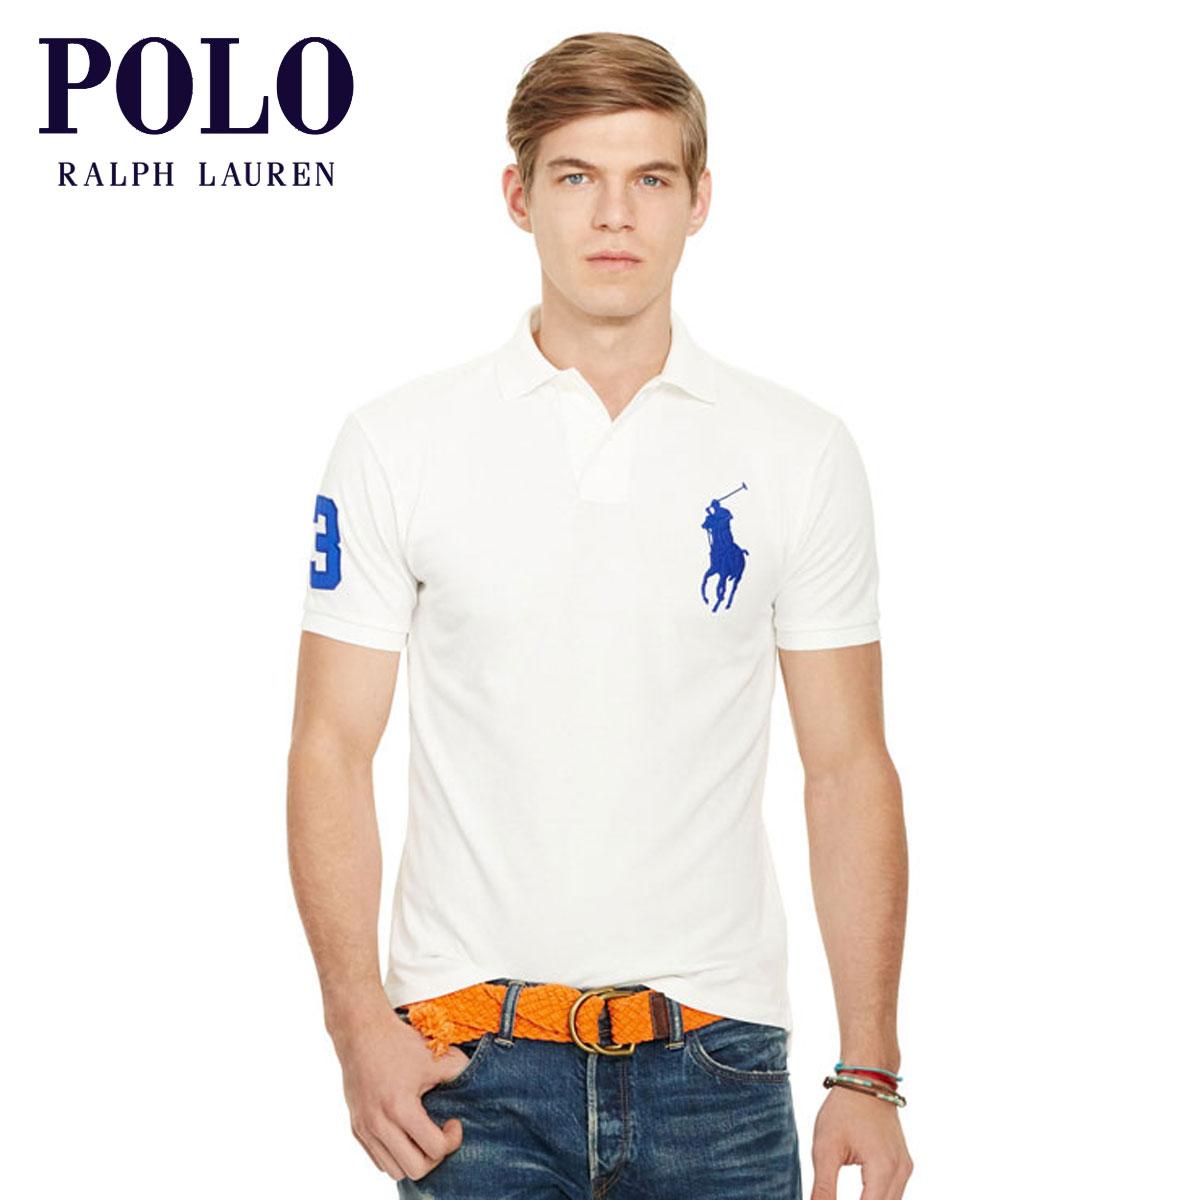 ポロ ラルフローレン POLO RALPH LAUREN 正規品 メンズ ポロシャツ SLIM-FIT BIG PONY POLO SHIRT D00S20